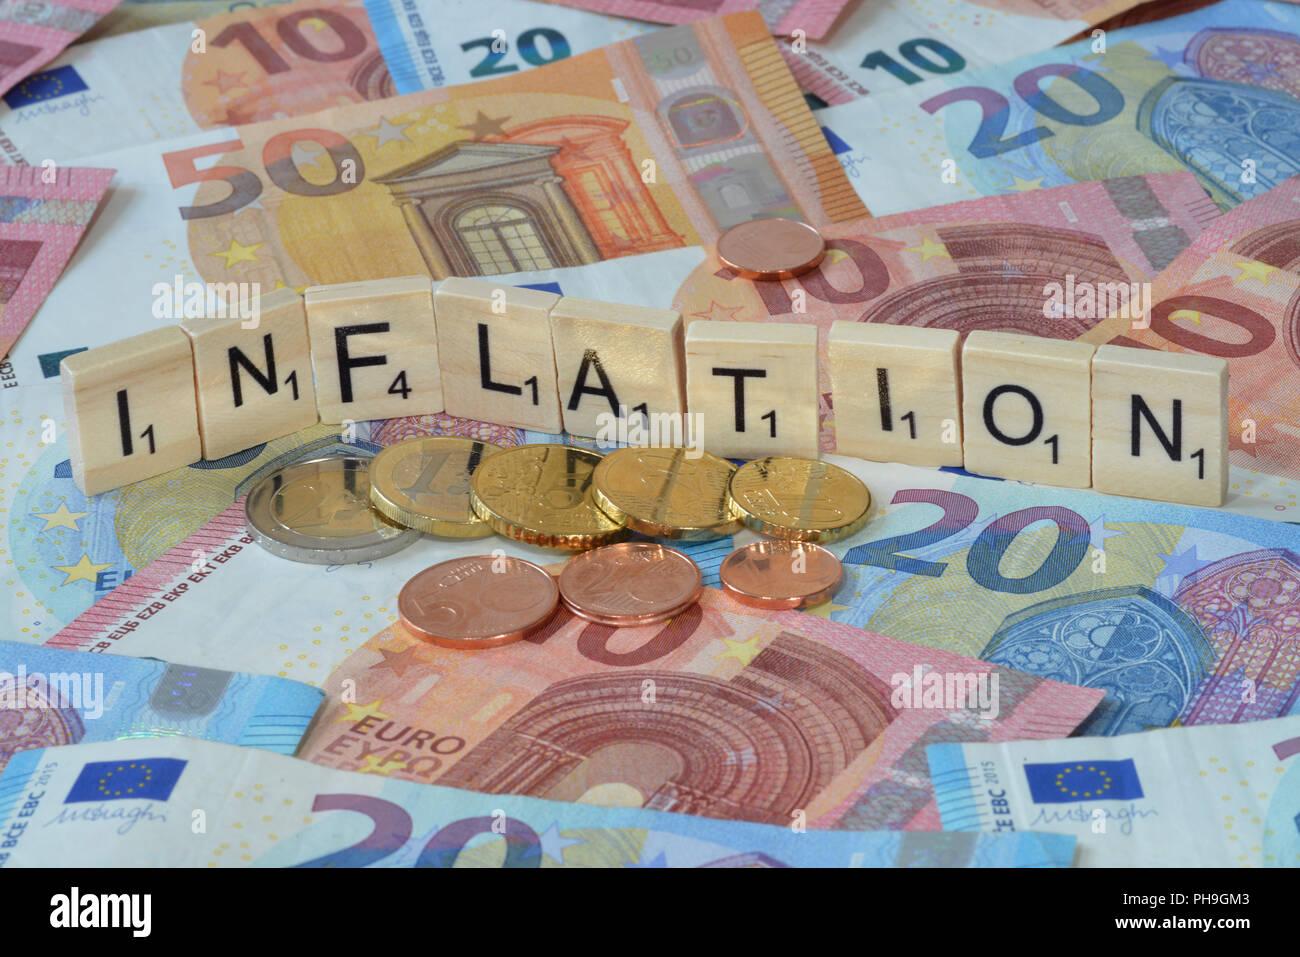 Symbolfoto Wirtschaftsbegriff Inflation - Stock Image